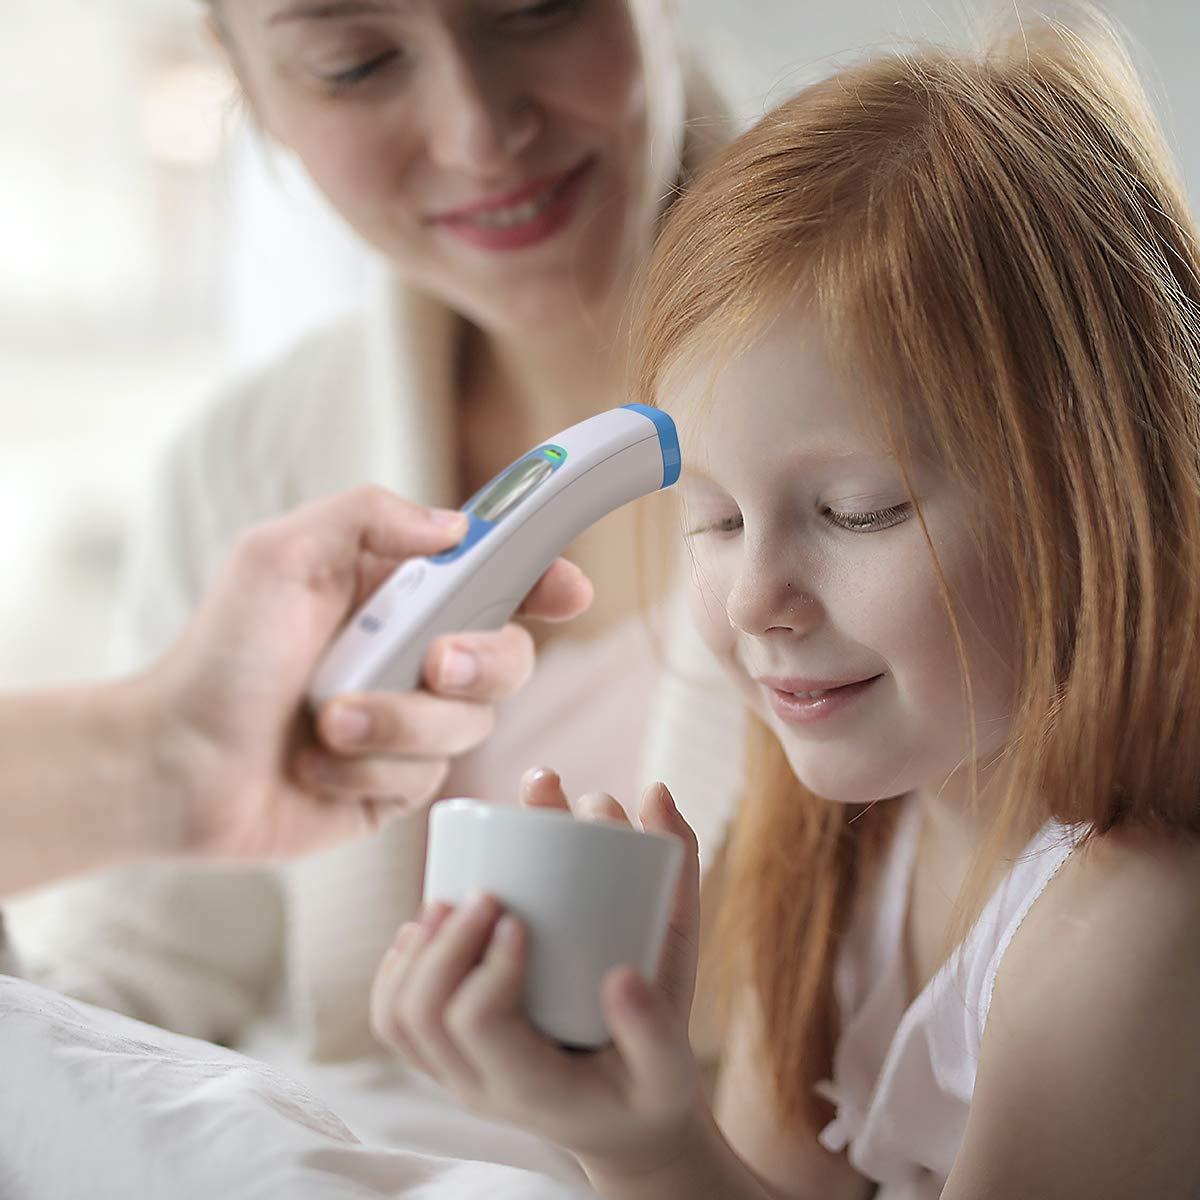 ber/ührungslose Sofortmessungen ohne Ber/ührung ber/ührungsloses Stirnthermometer mit LCD-Display Fieber thermometer Digital Baby und Erwachsener Grande Fieberthermometer